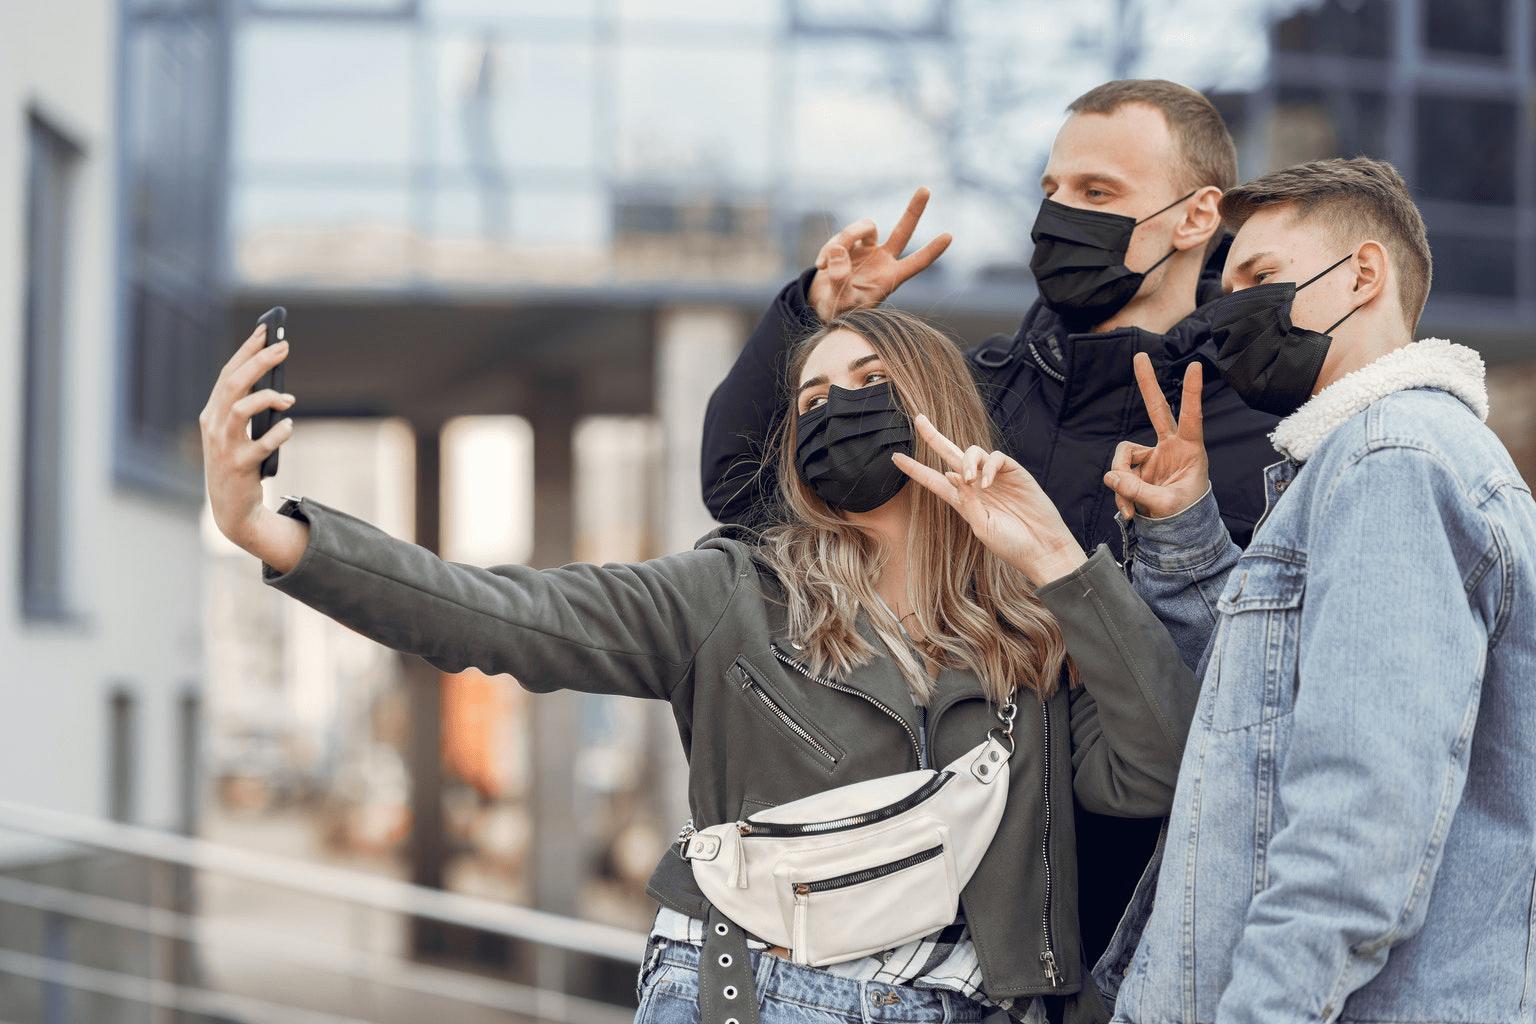 três jovens, sendo uma mulher e dois homens, usando mascarás de proteção contra o coronavírus, fazendo sinal de paz e amor com as mãos e olhando para a câmera da mulher para tirar uma foto estilo selfie